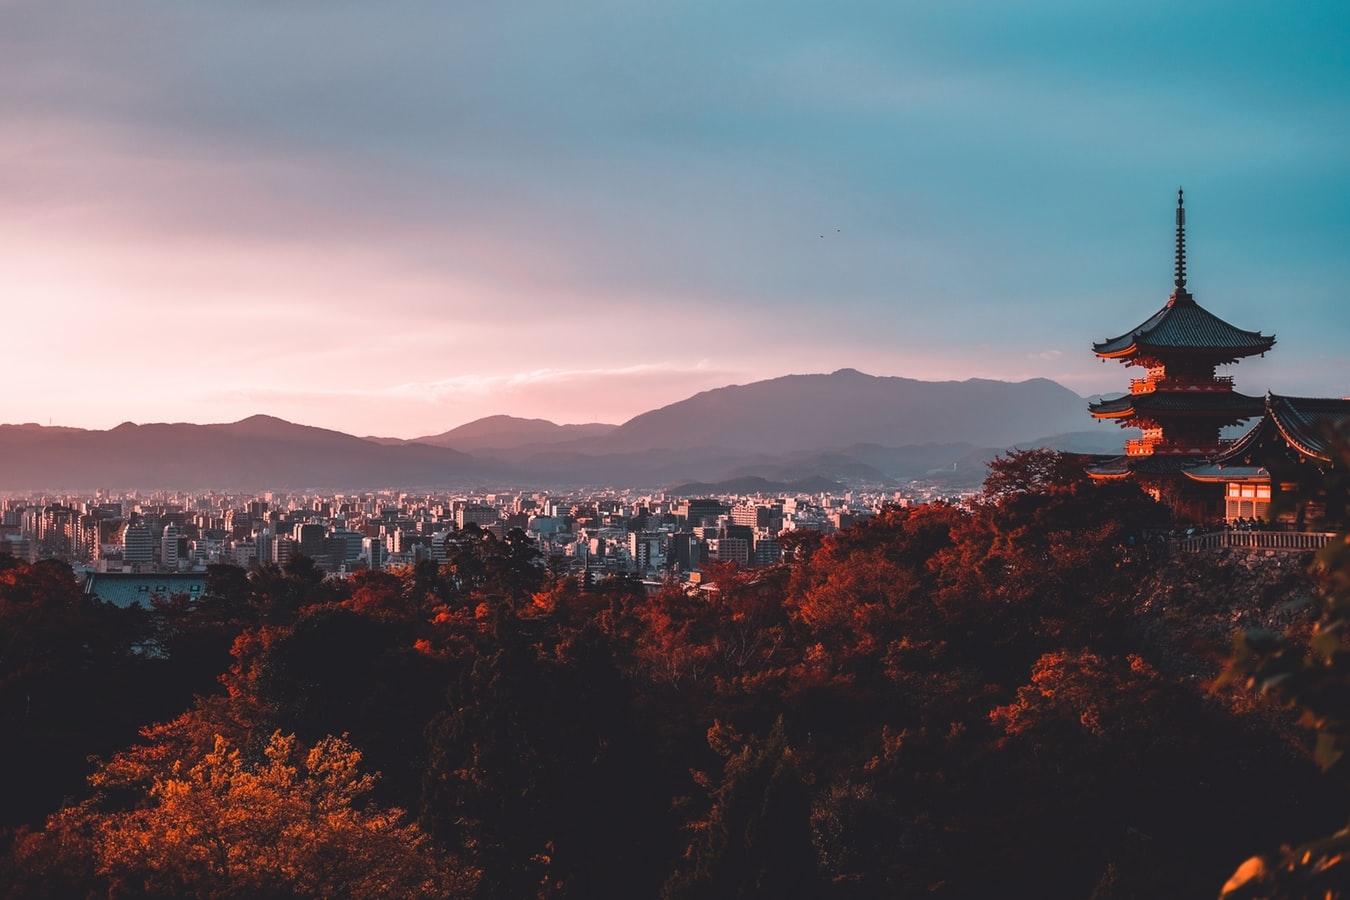 日本の美しさに倣って